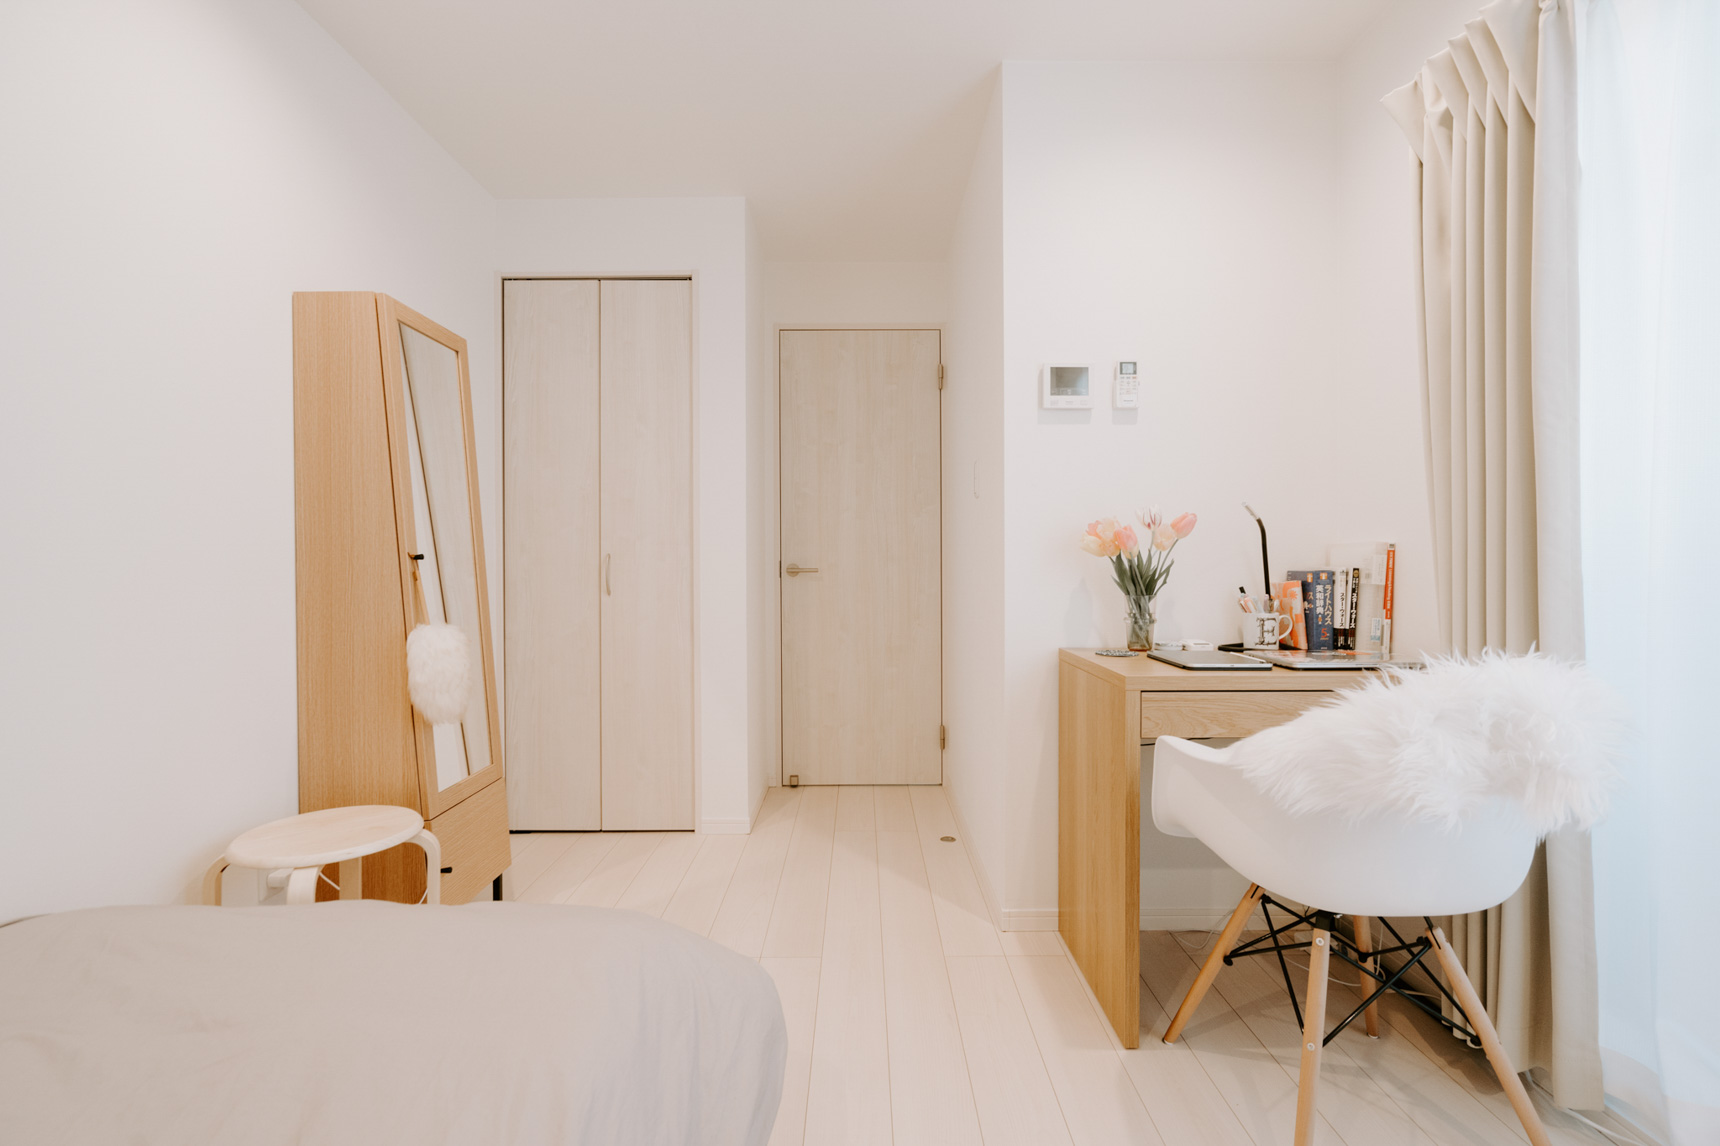 ベッドに本棚、ローテーブルと、それに小さなデスクまで。コンパクトな空間に、必要なものがしっかりおさまっていますね。